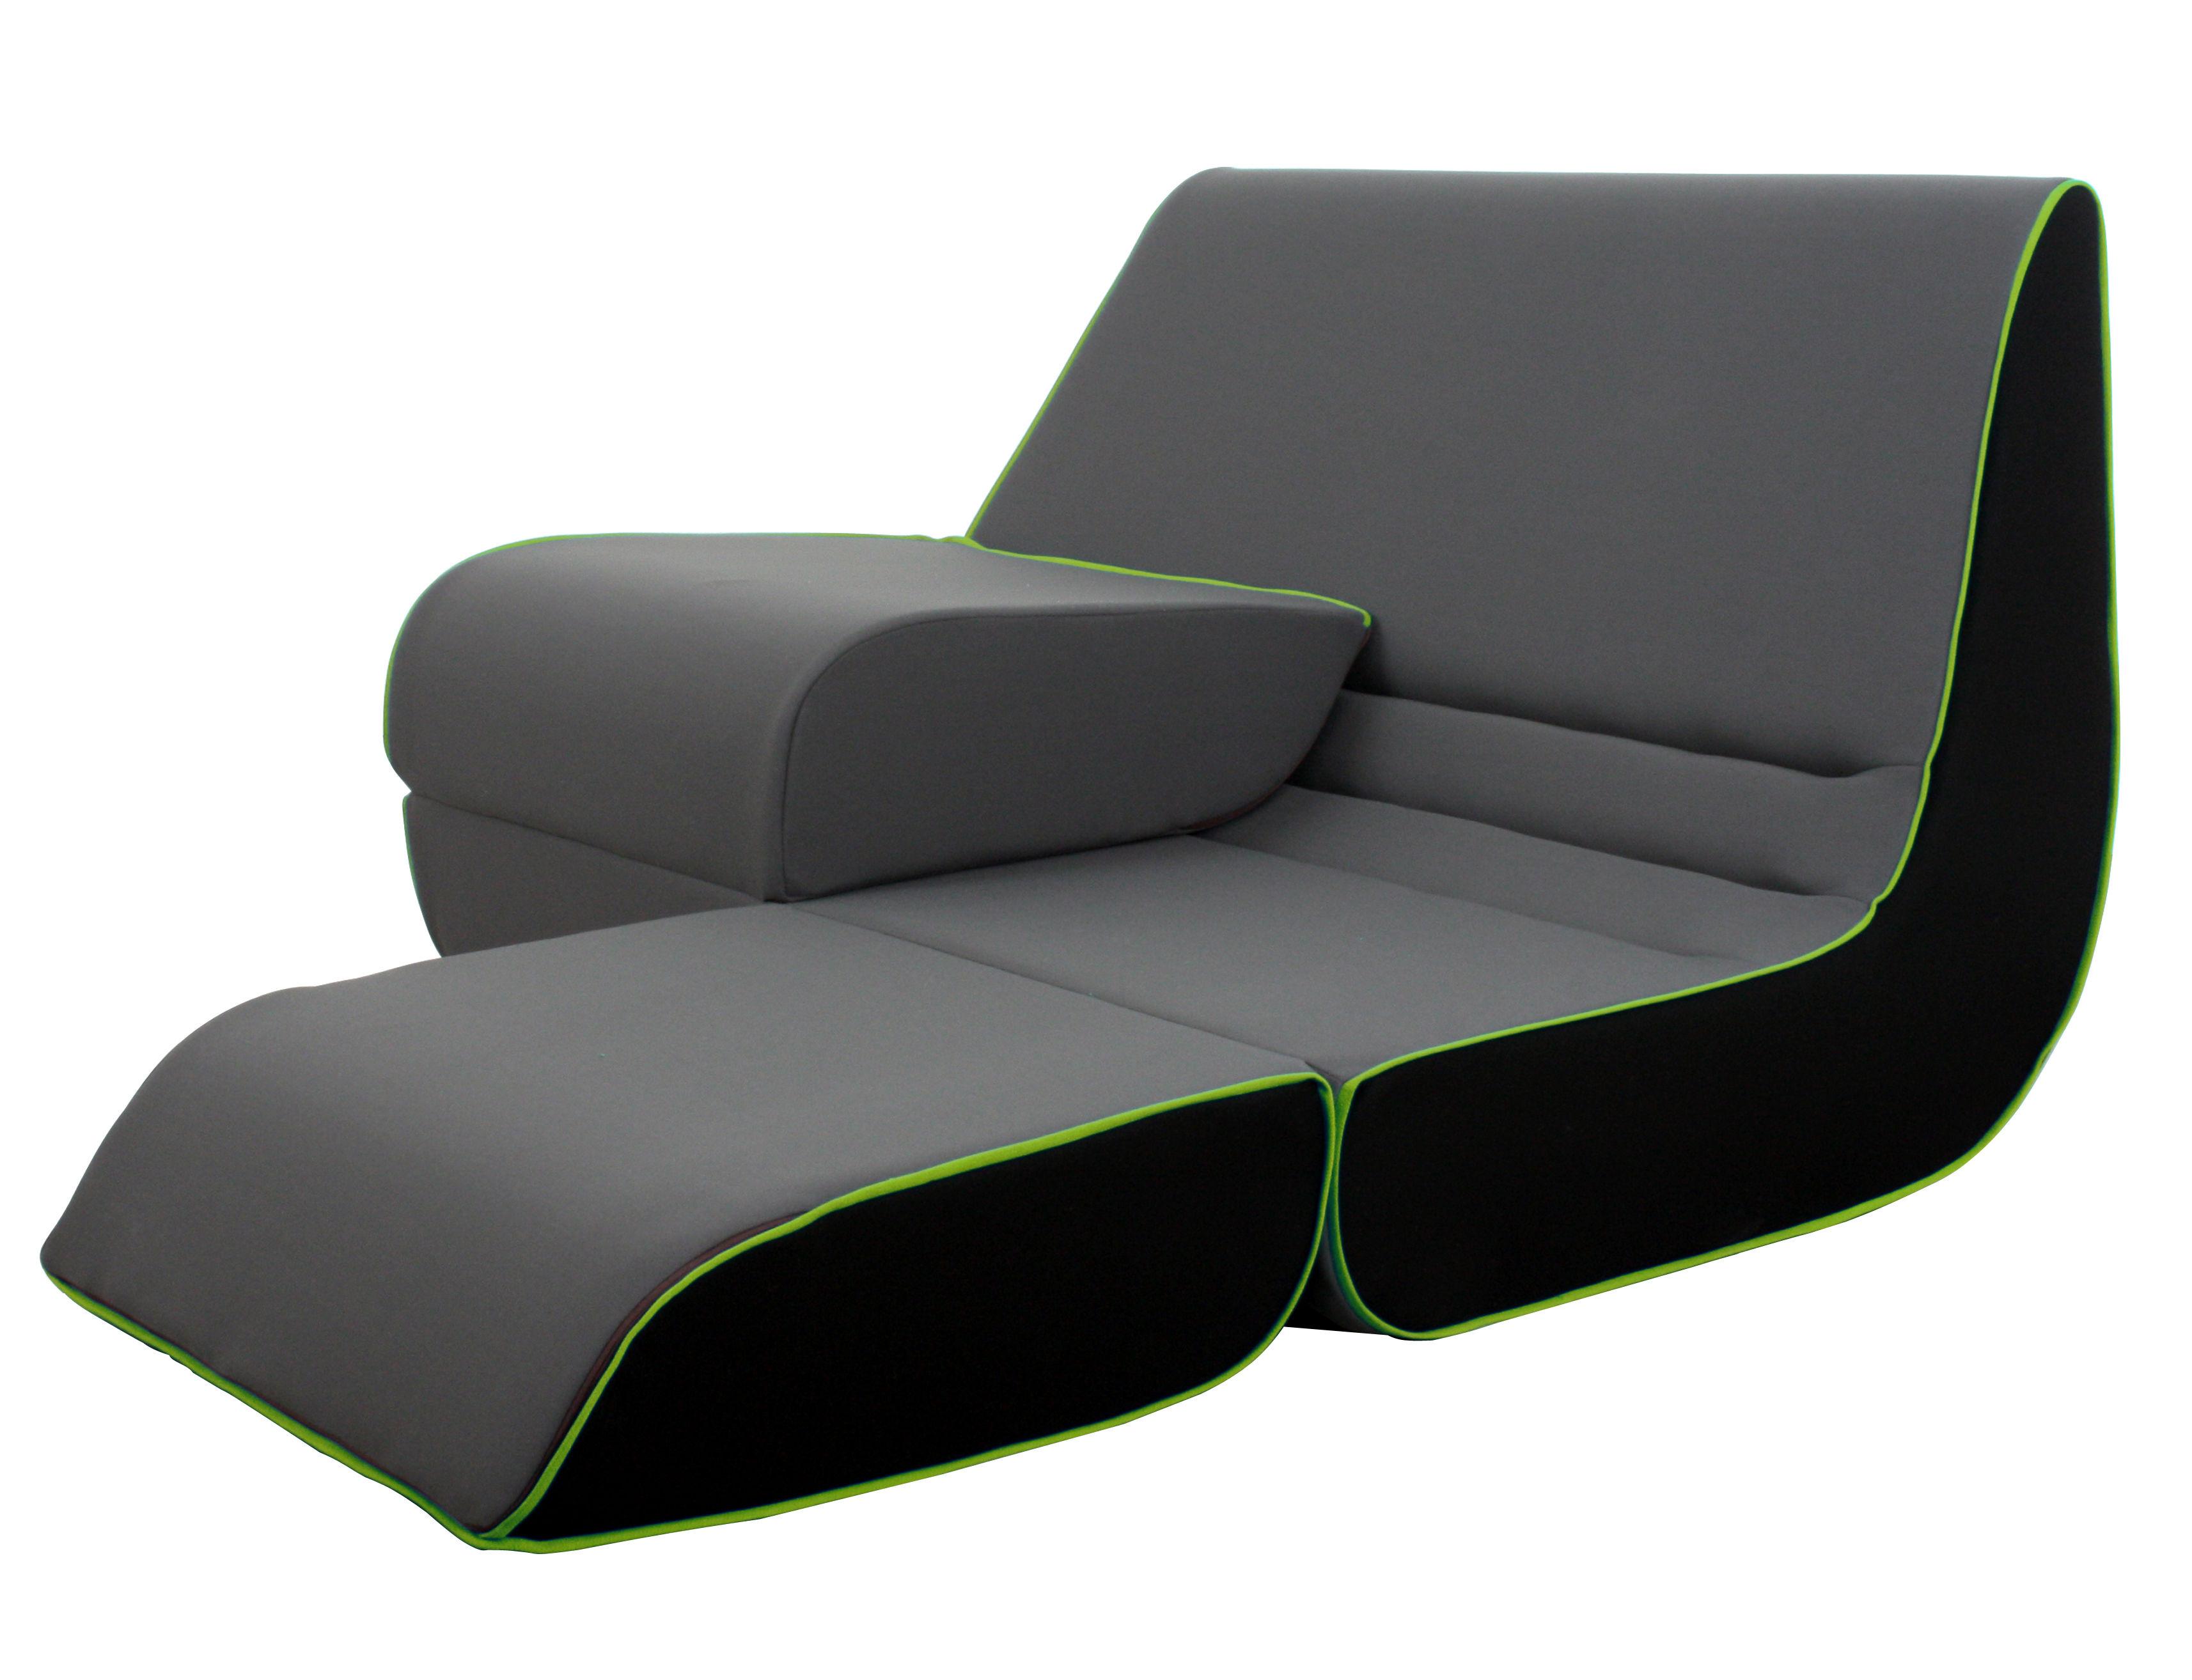 playtime by ora ito schlafcouch ausklappbar grau anthrazit schwarz gr ne borten by. Black Bedroom Furniture Sets. Home Design Ideas